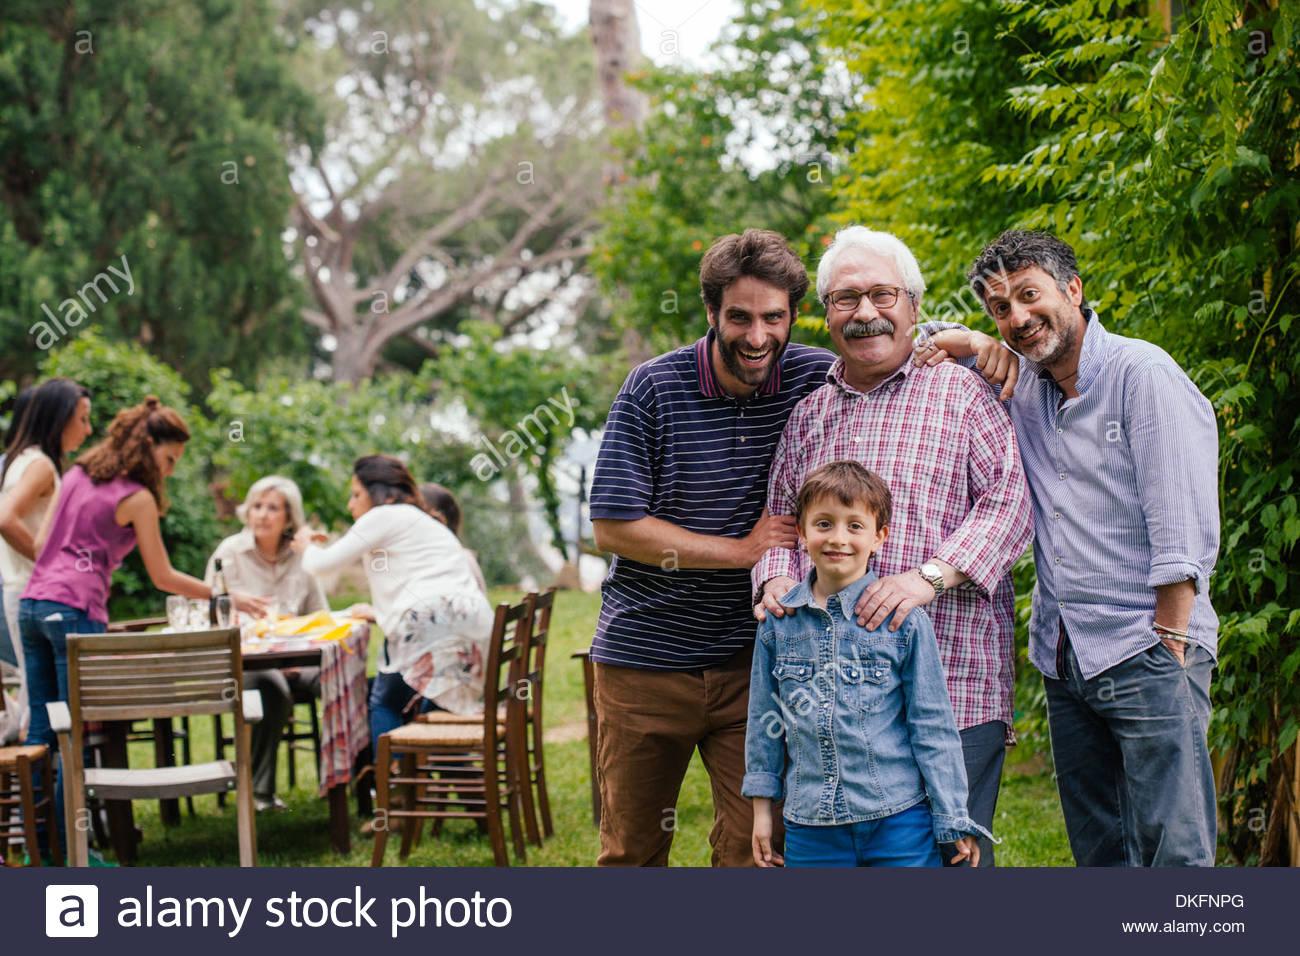 Familie auf das Sammeln von Garten - männlichen Familienmitglieder im Vordergrund, weiblichen Familienmitglieder am Tisch im Hintergrund Stockbild